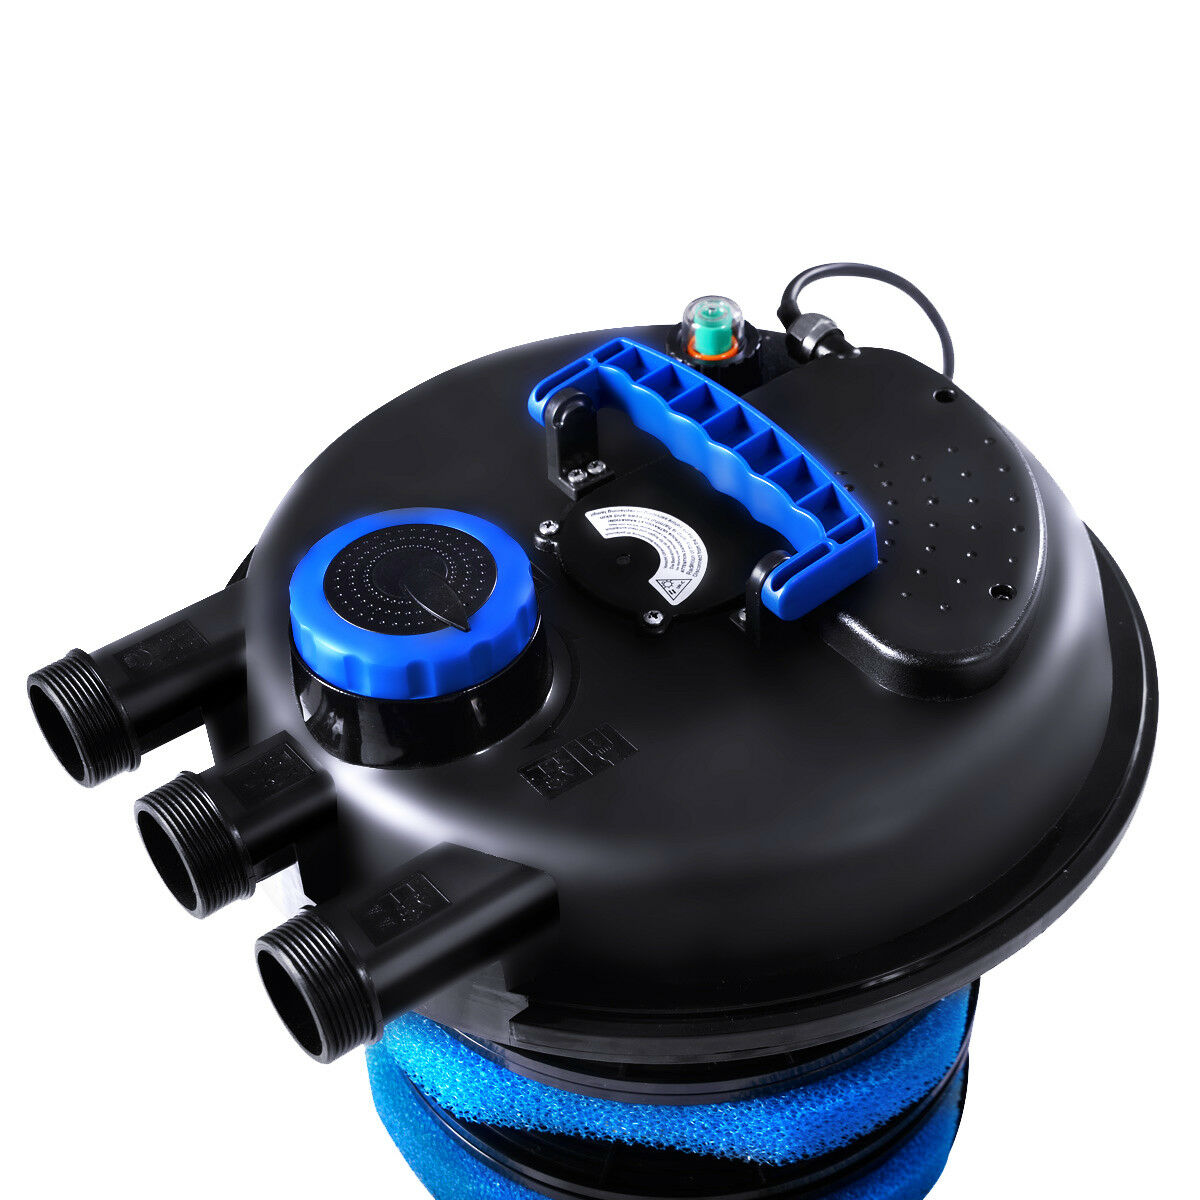 filtre de bassin avec 11 w lampe uv 3 sorties d eau debit maximum 12000l h volume du filtre 25 l filtre professionnel pour etangs 38 x 38 x 51